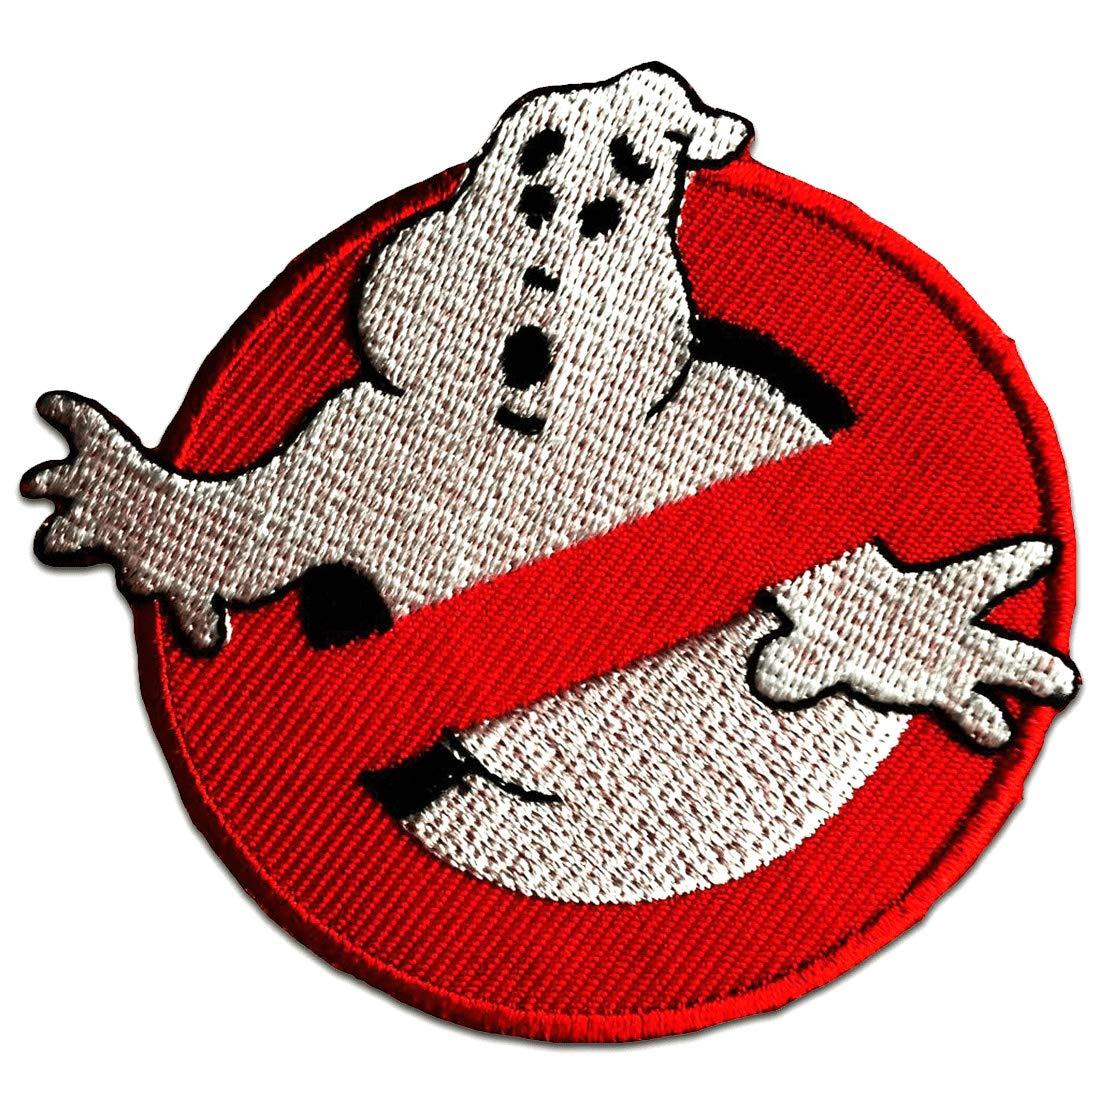 Toppe termoadesive - Ghostbuster Comic bambini Film - rosso - Ø7, 5cm - Patch Toppa ricamate Applicazioni Ricamata da cucire adesive catch-the-patch